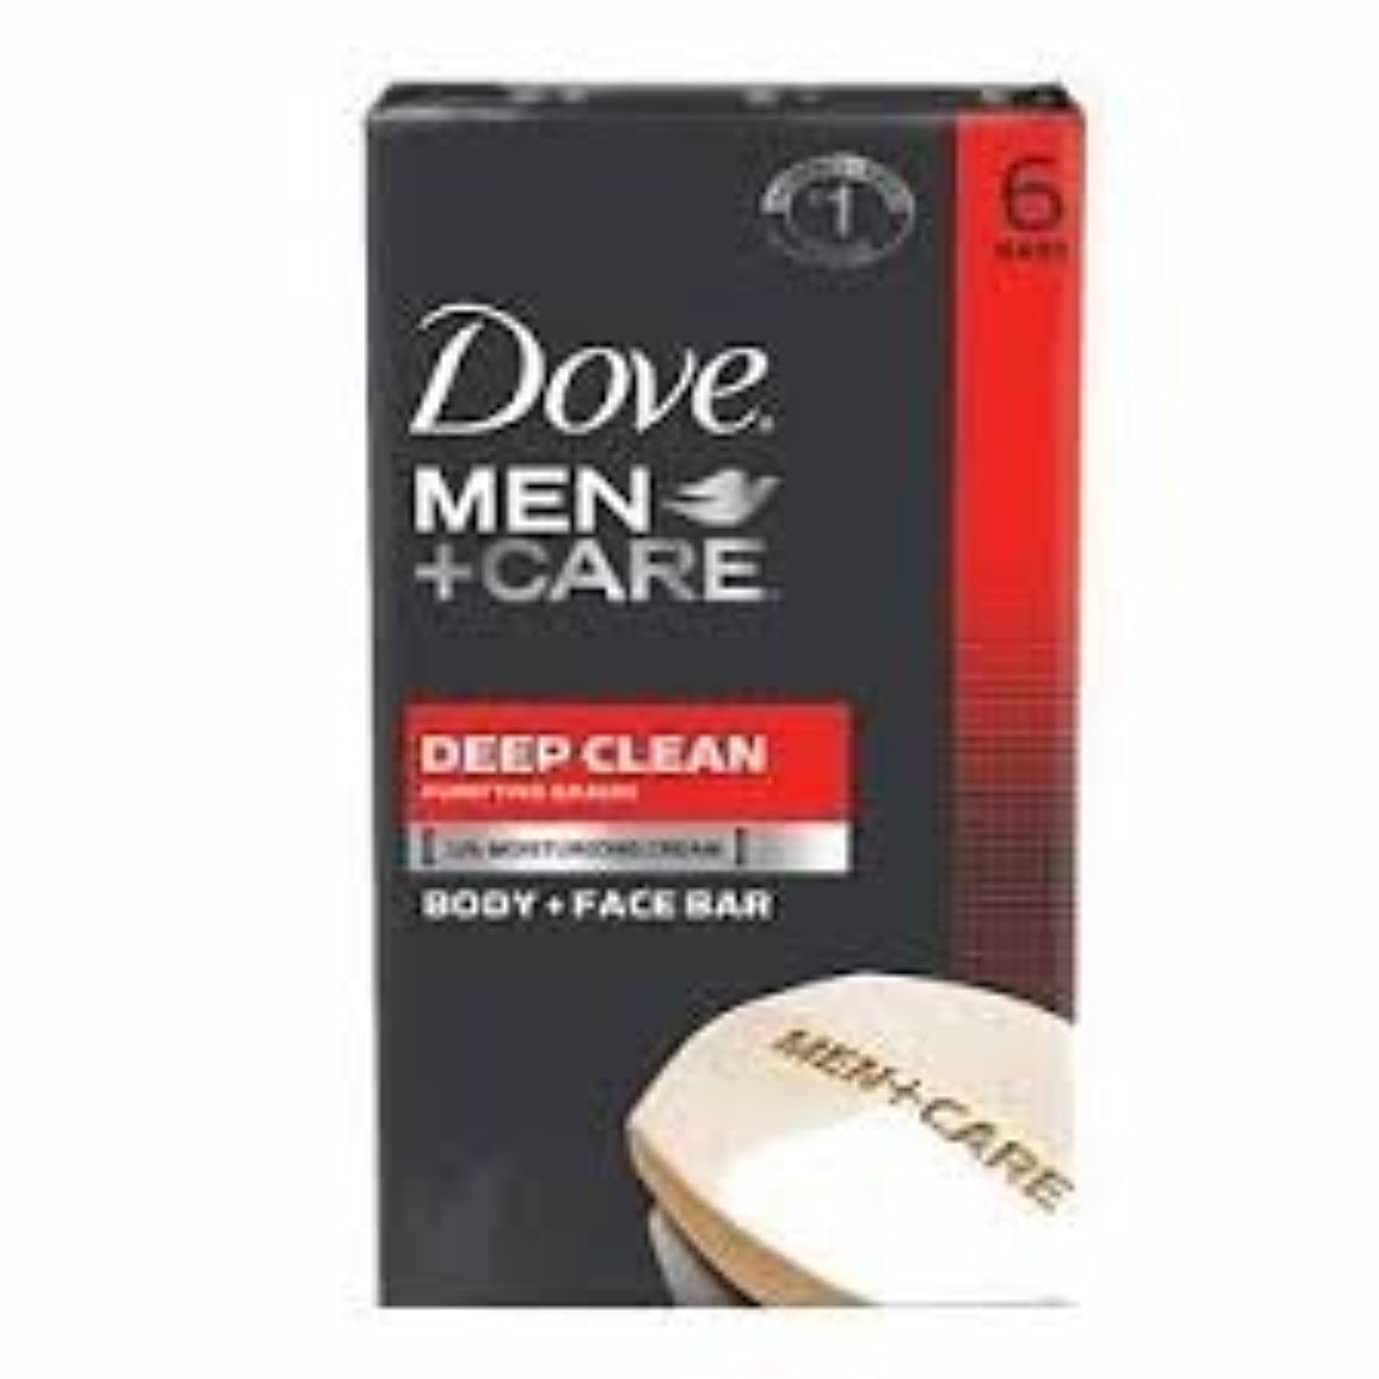 作物セマフォ霊Dove Men + Care Body and Face Bar, Deep Clean 4oz x 6Bars ダブ メン プラスケア ディープ クリーン ソープ 4oz x 6個